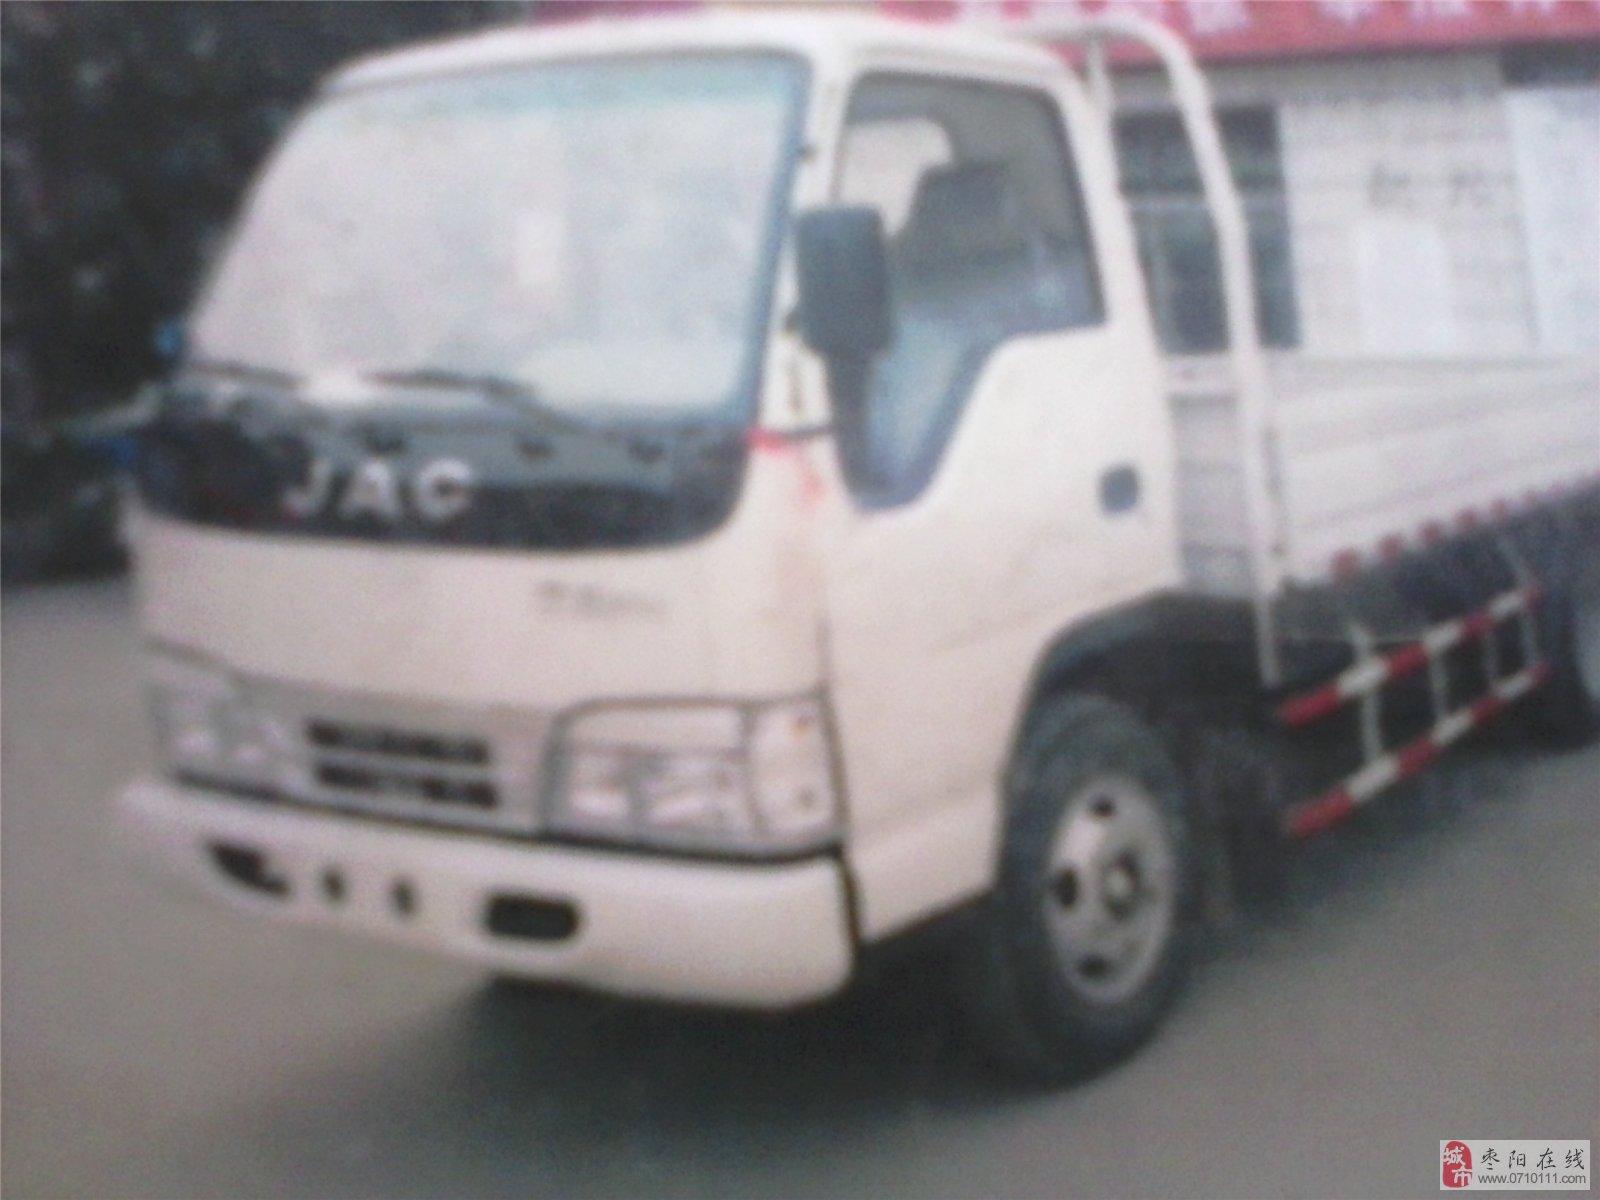 小货车/江淮牌小货车,蓝牌,能进市区C1证就能开,证件齐全。